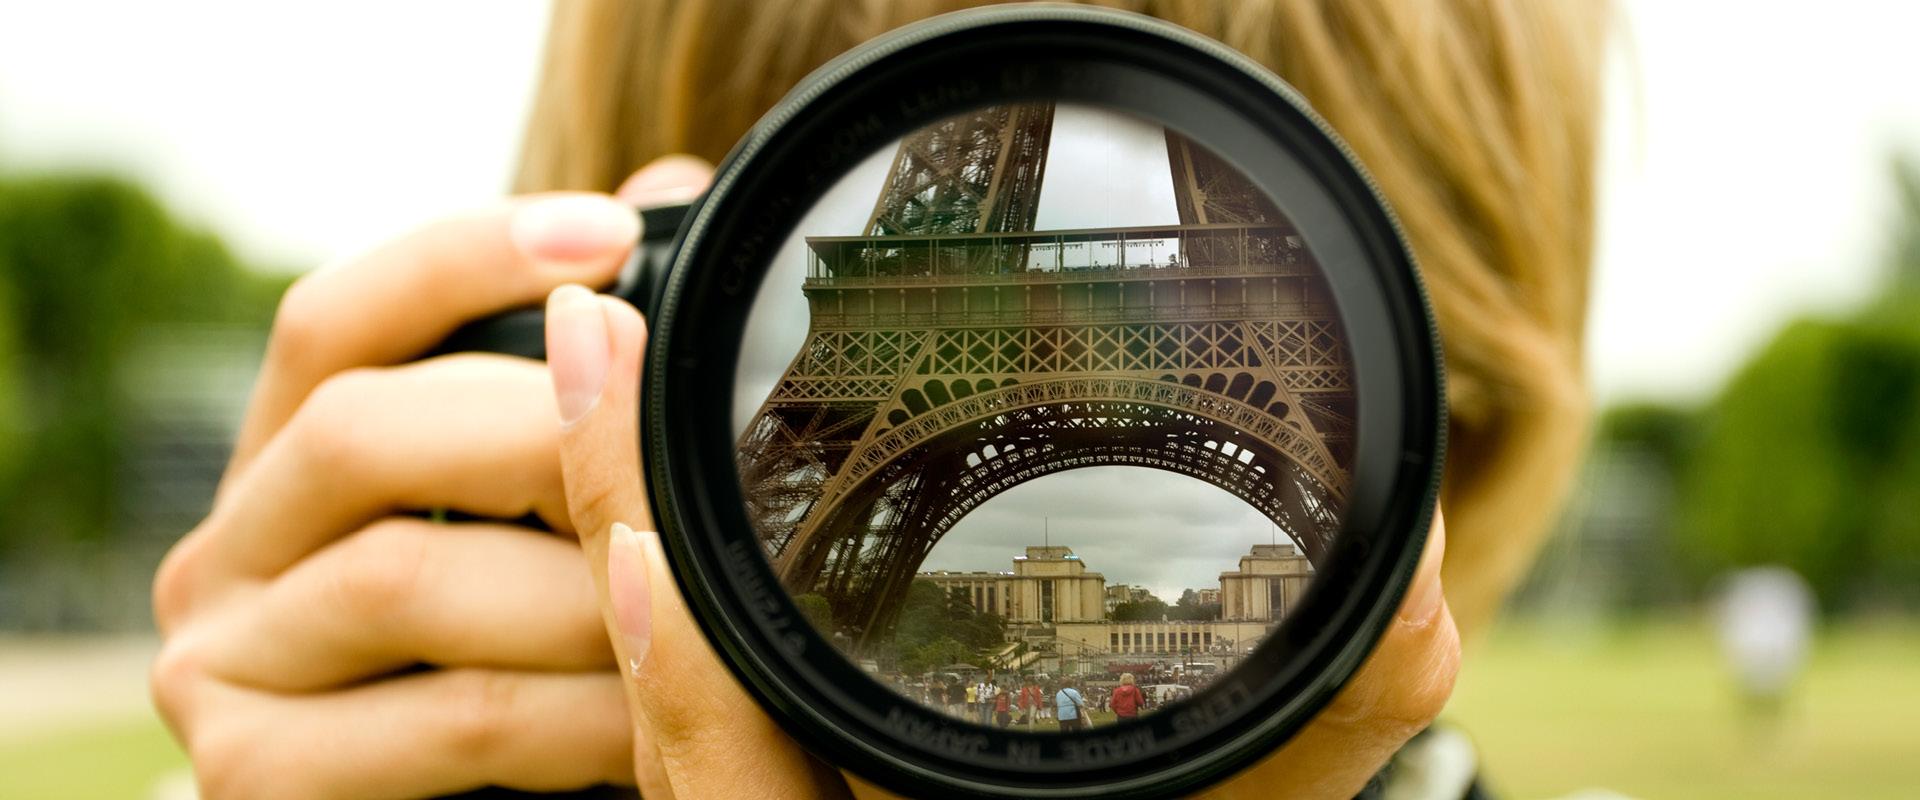 Cómo hacer buenas fotografías de viajes